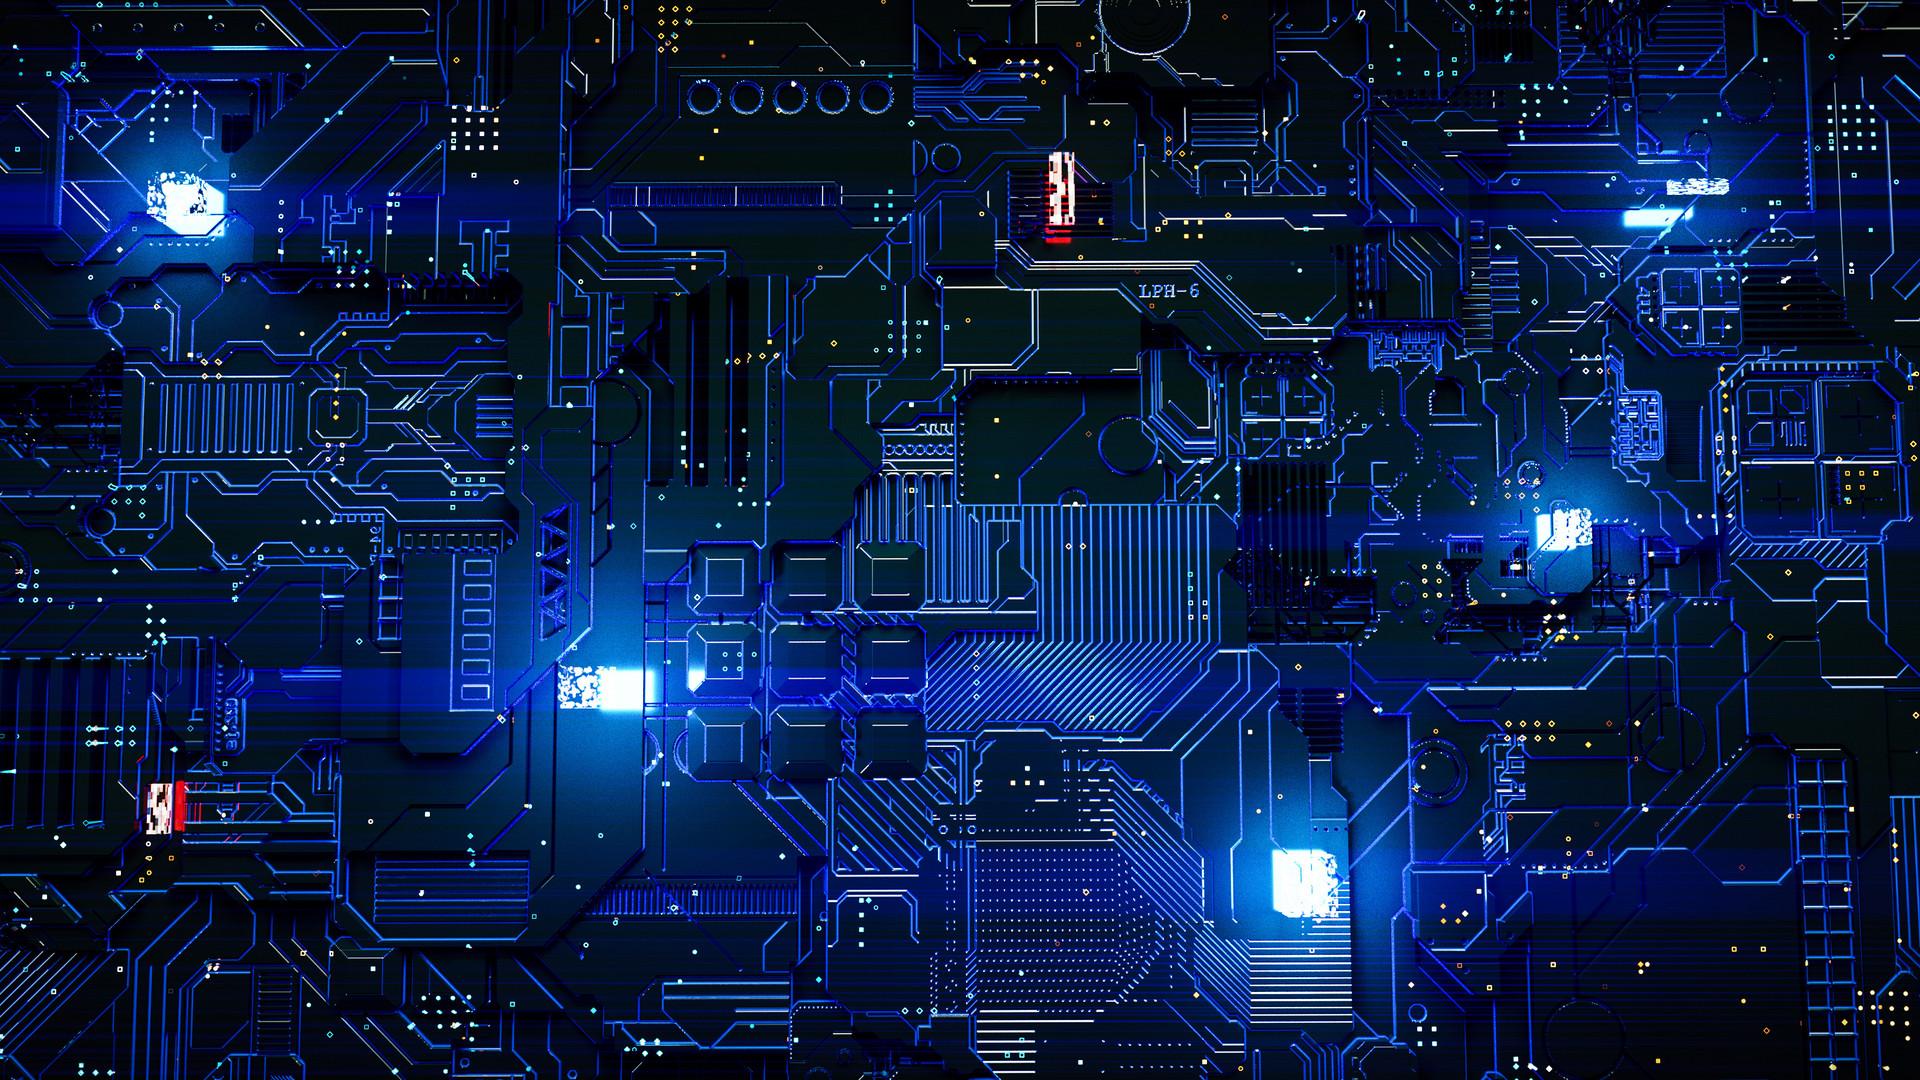 紫光安全芯获得全球最高等级认证